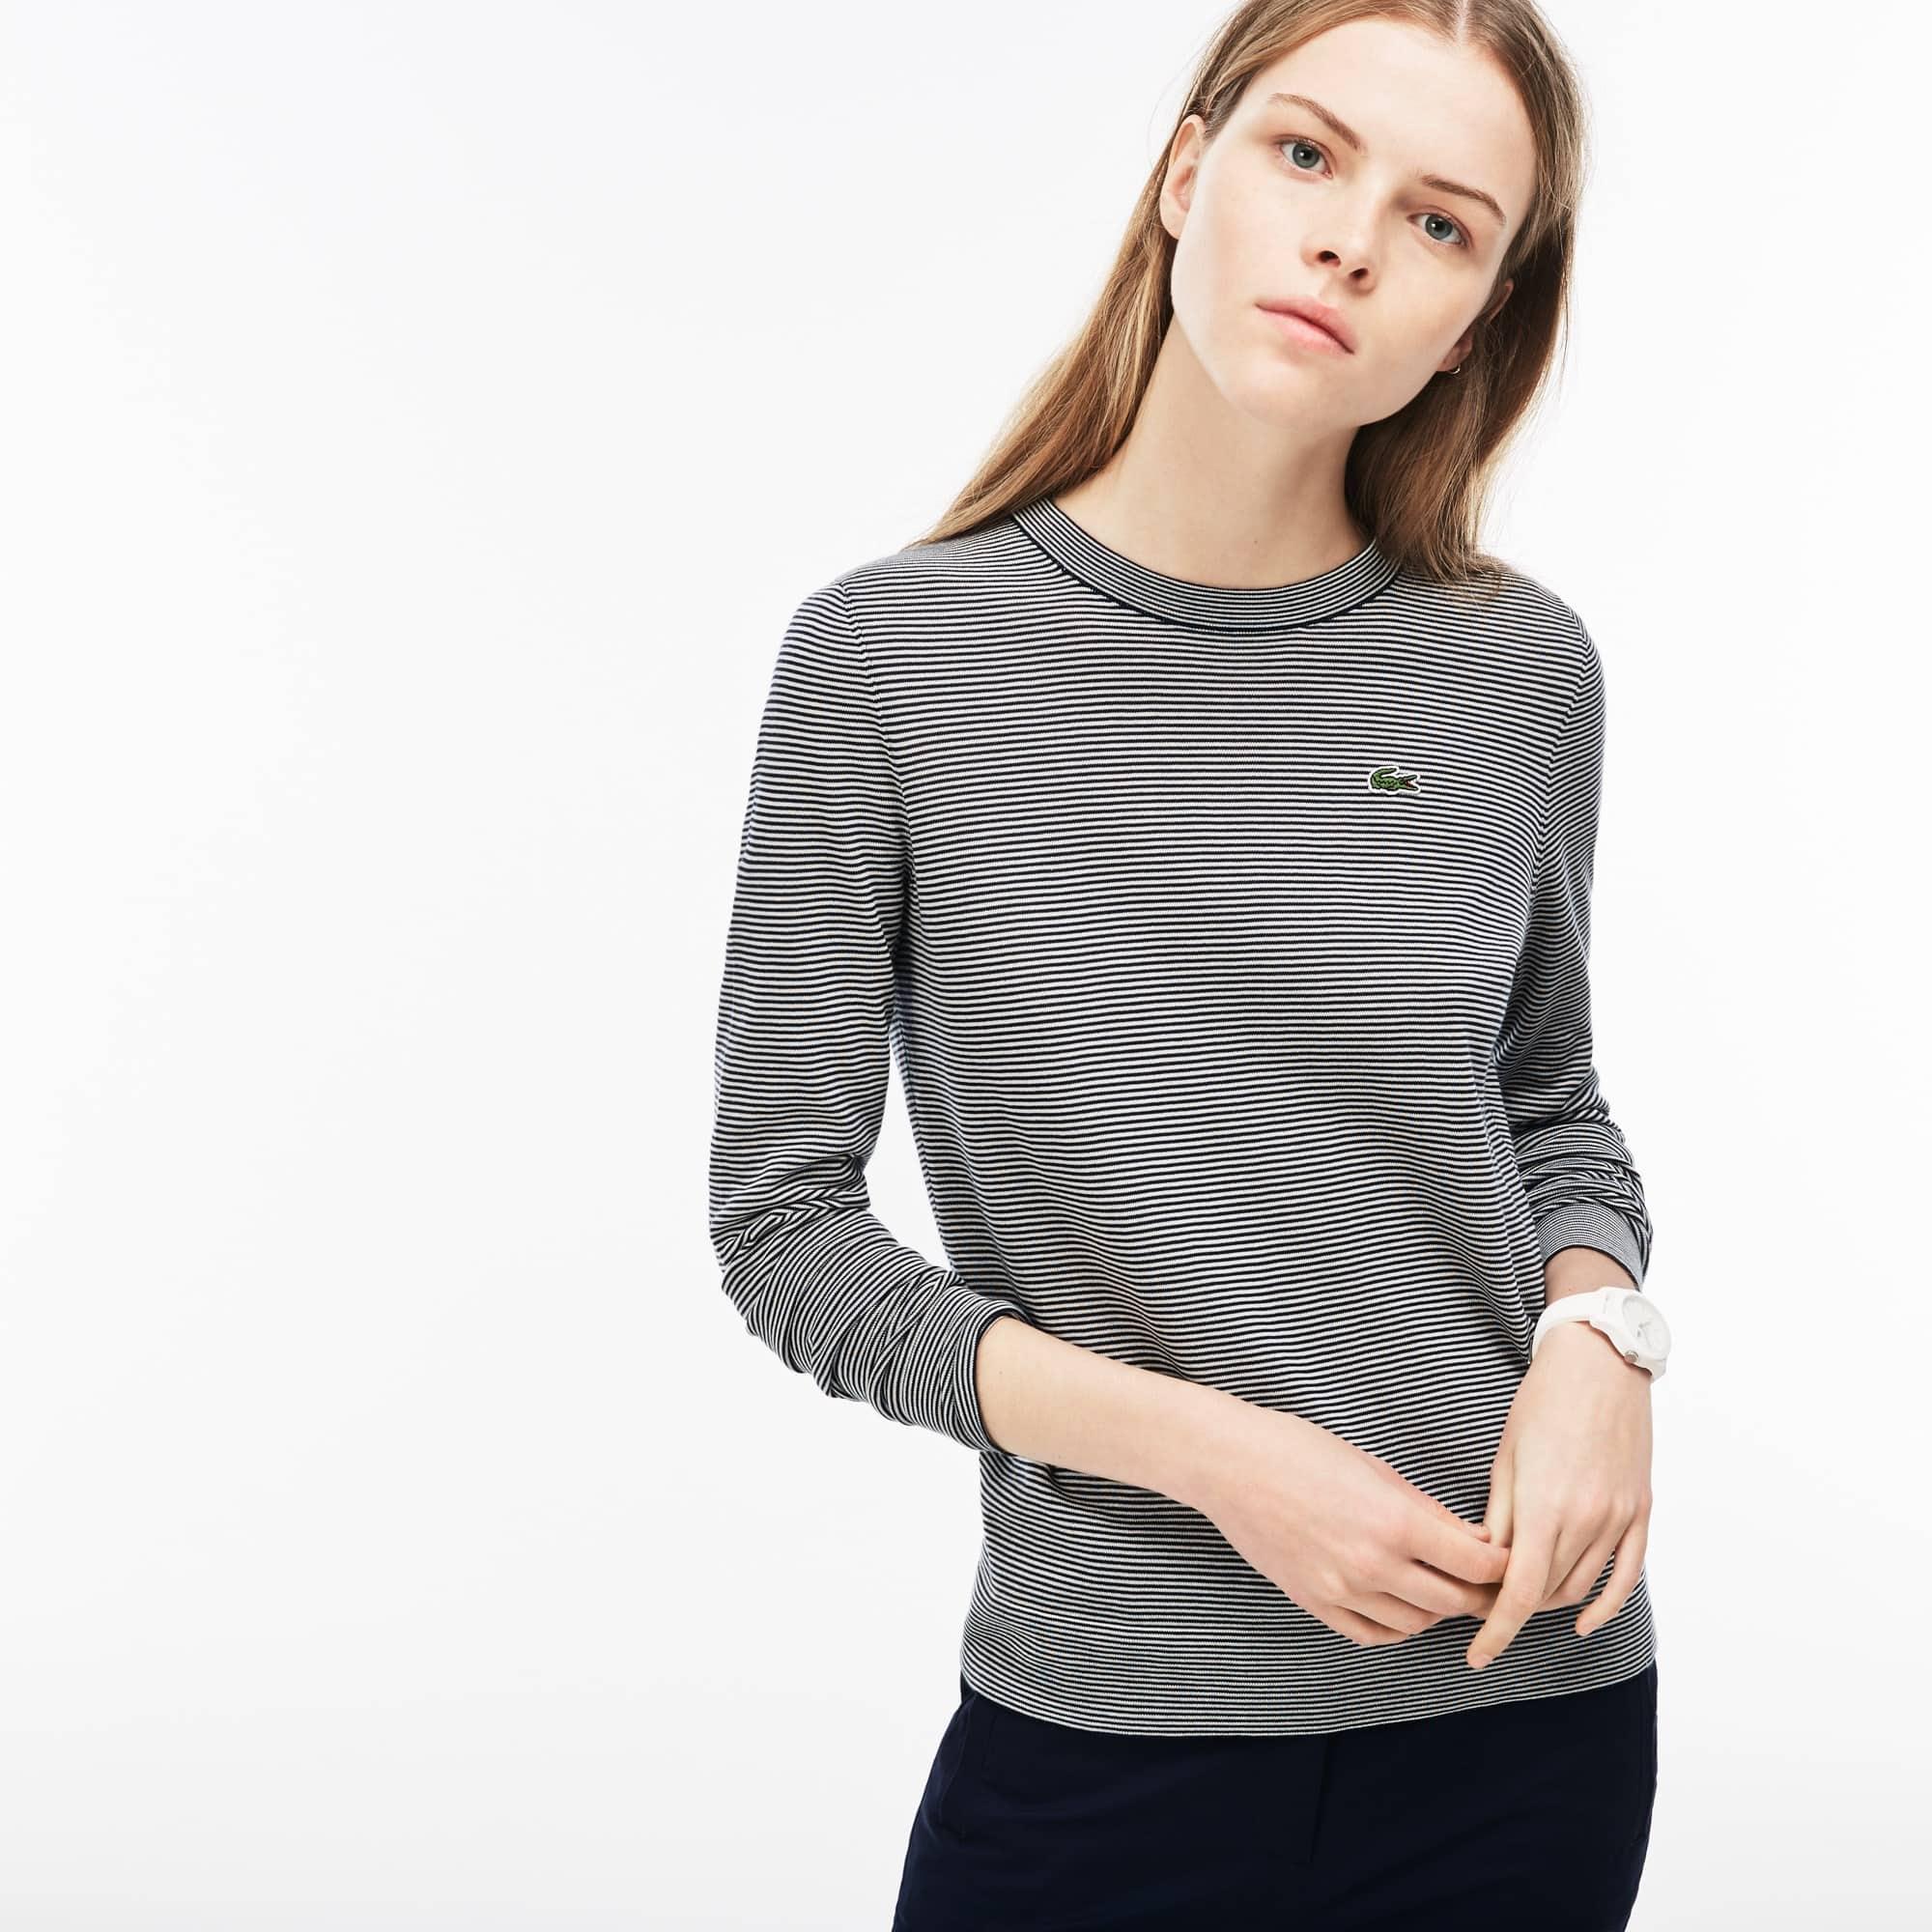 Jersey de cuello caja de punto jersey de algodón con rayas milrayas